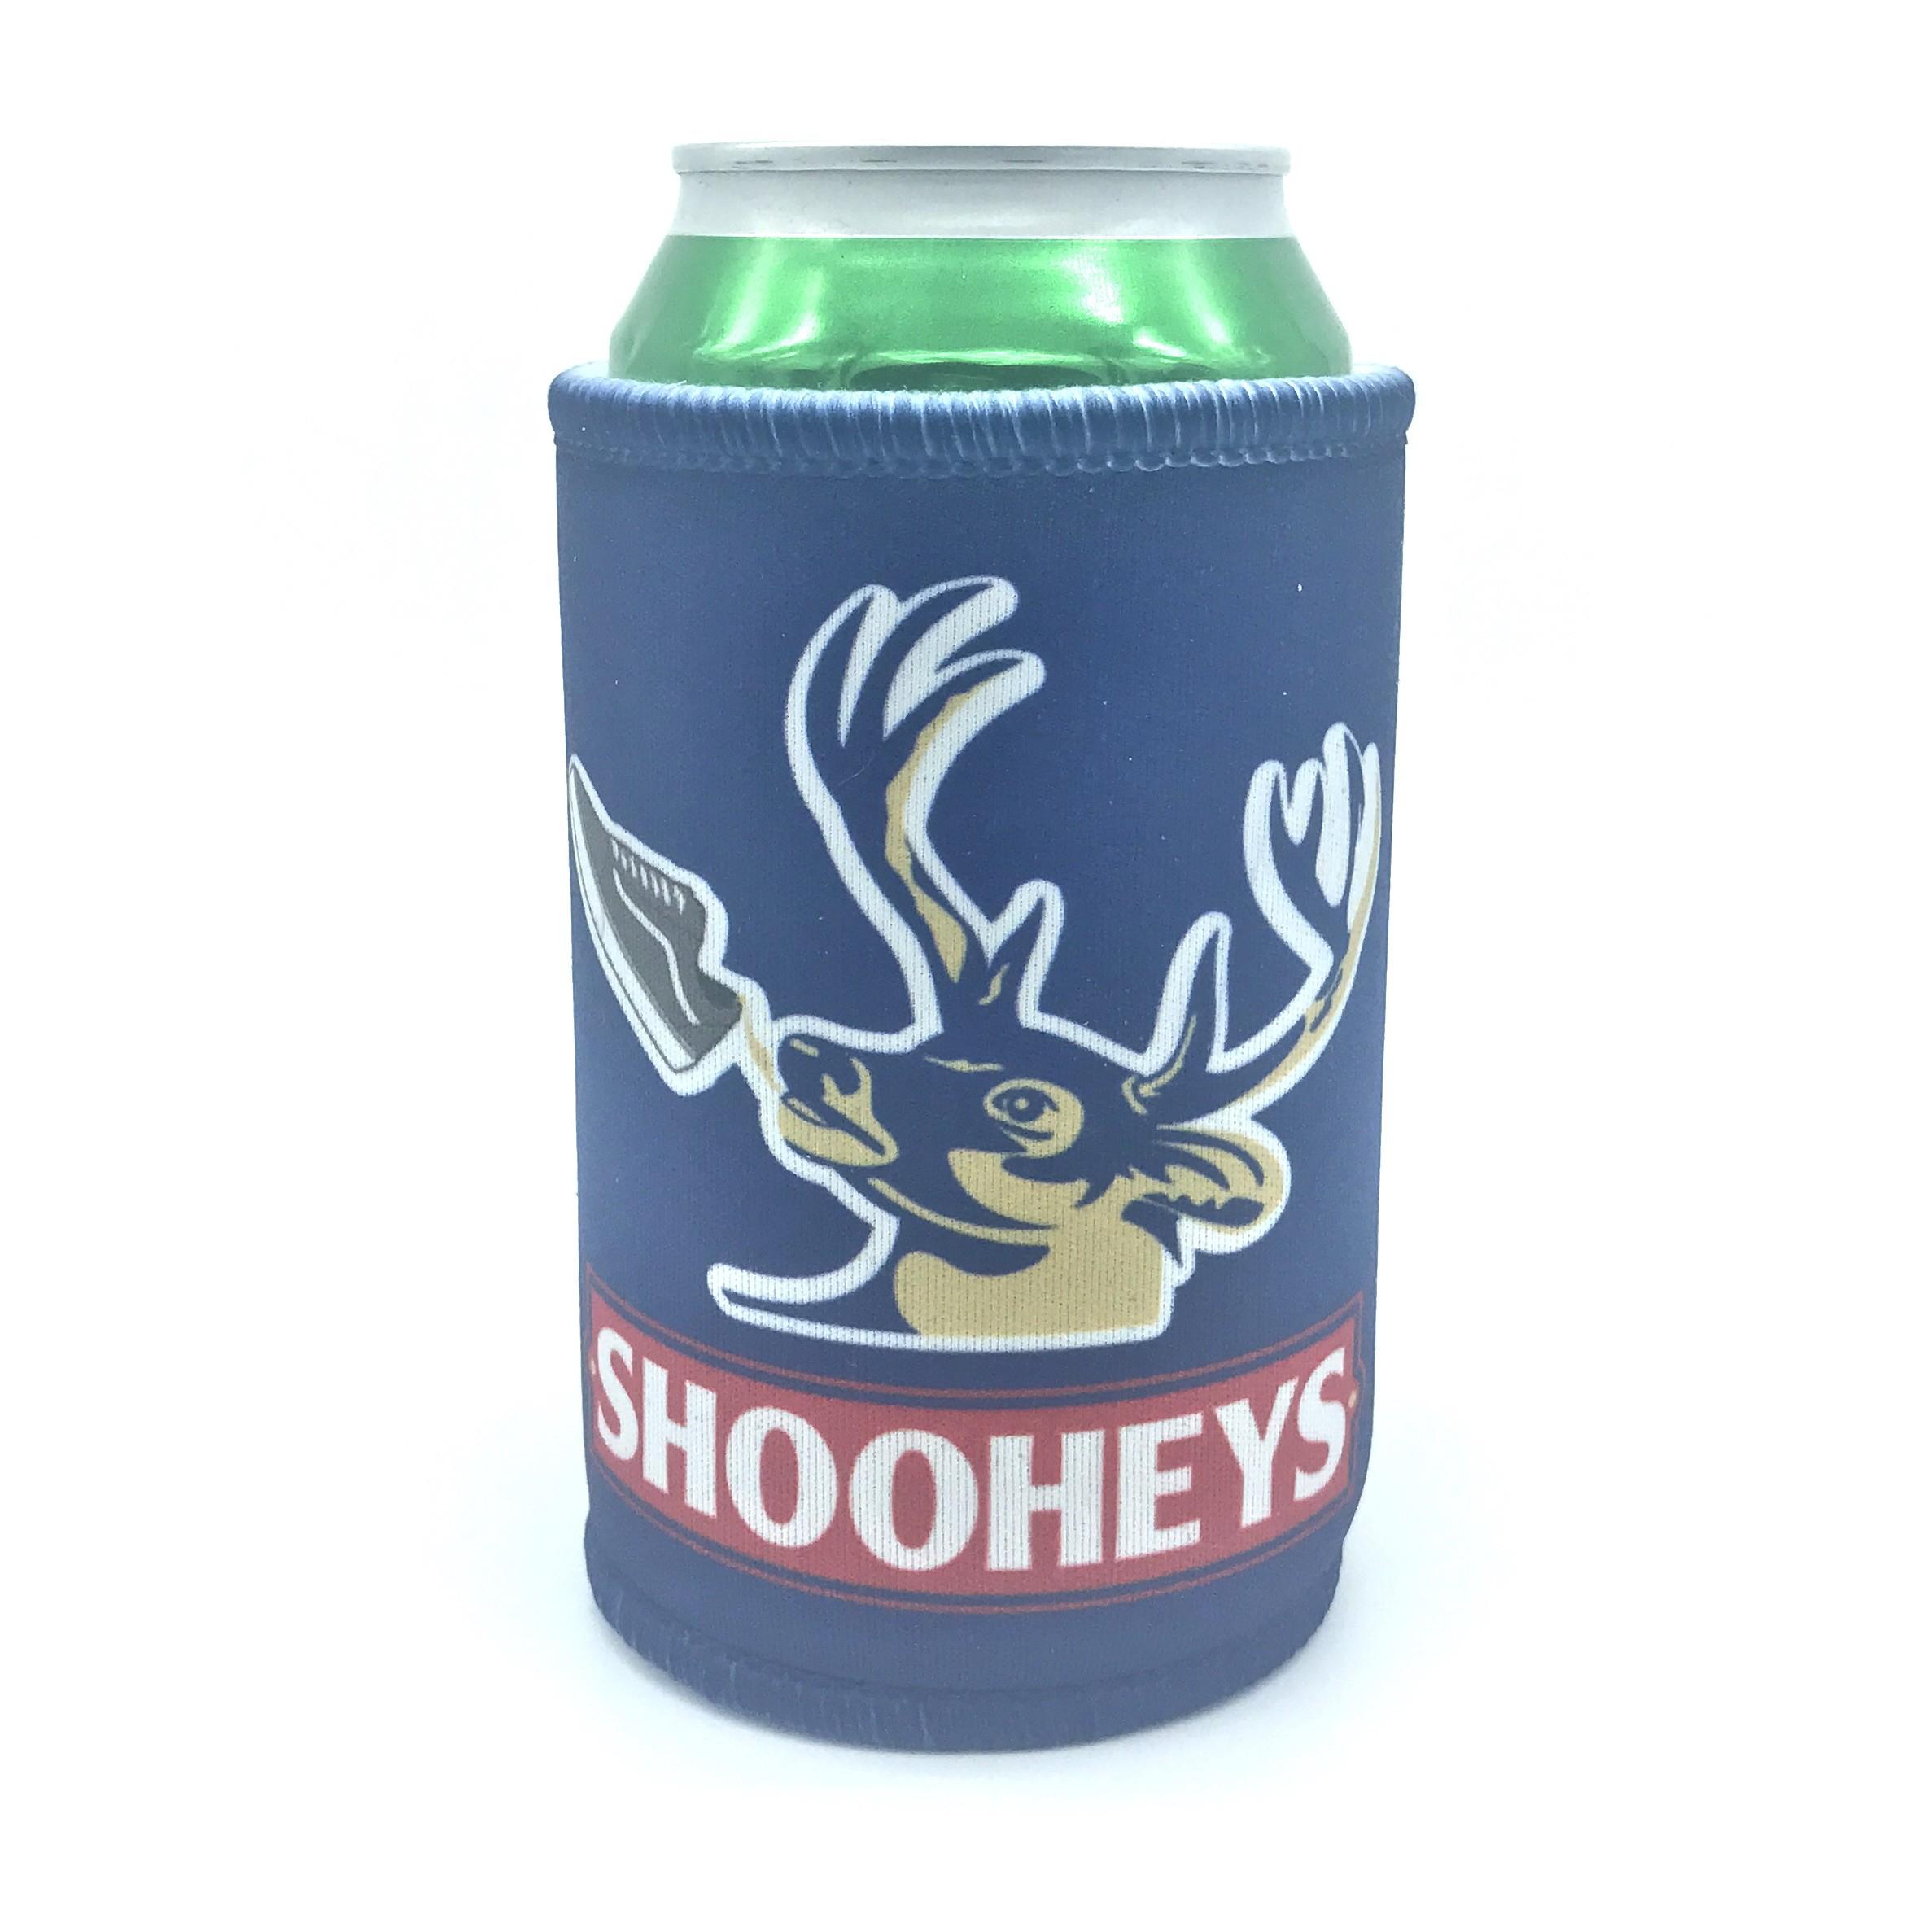 SHOOHEYS STUBBY HOLDER